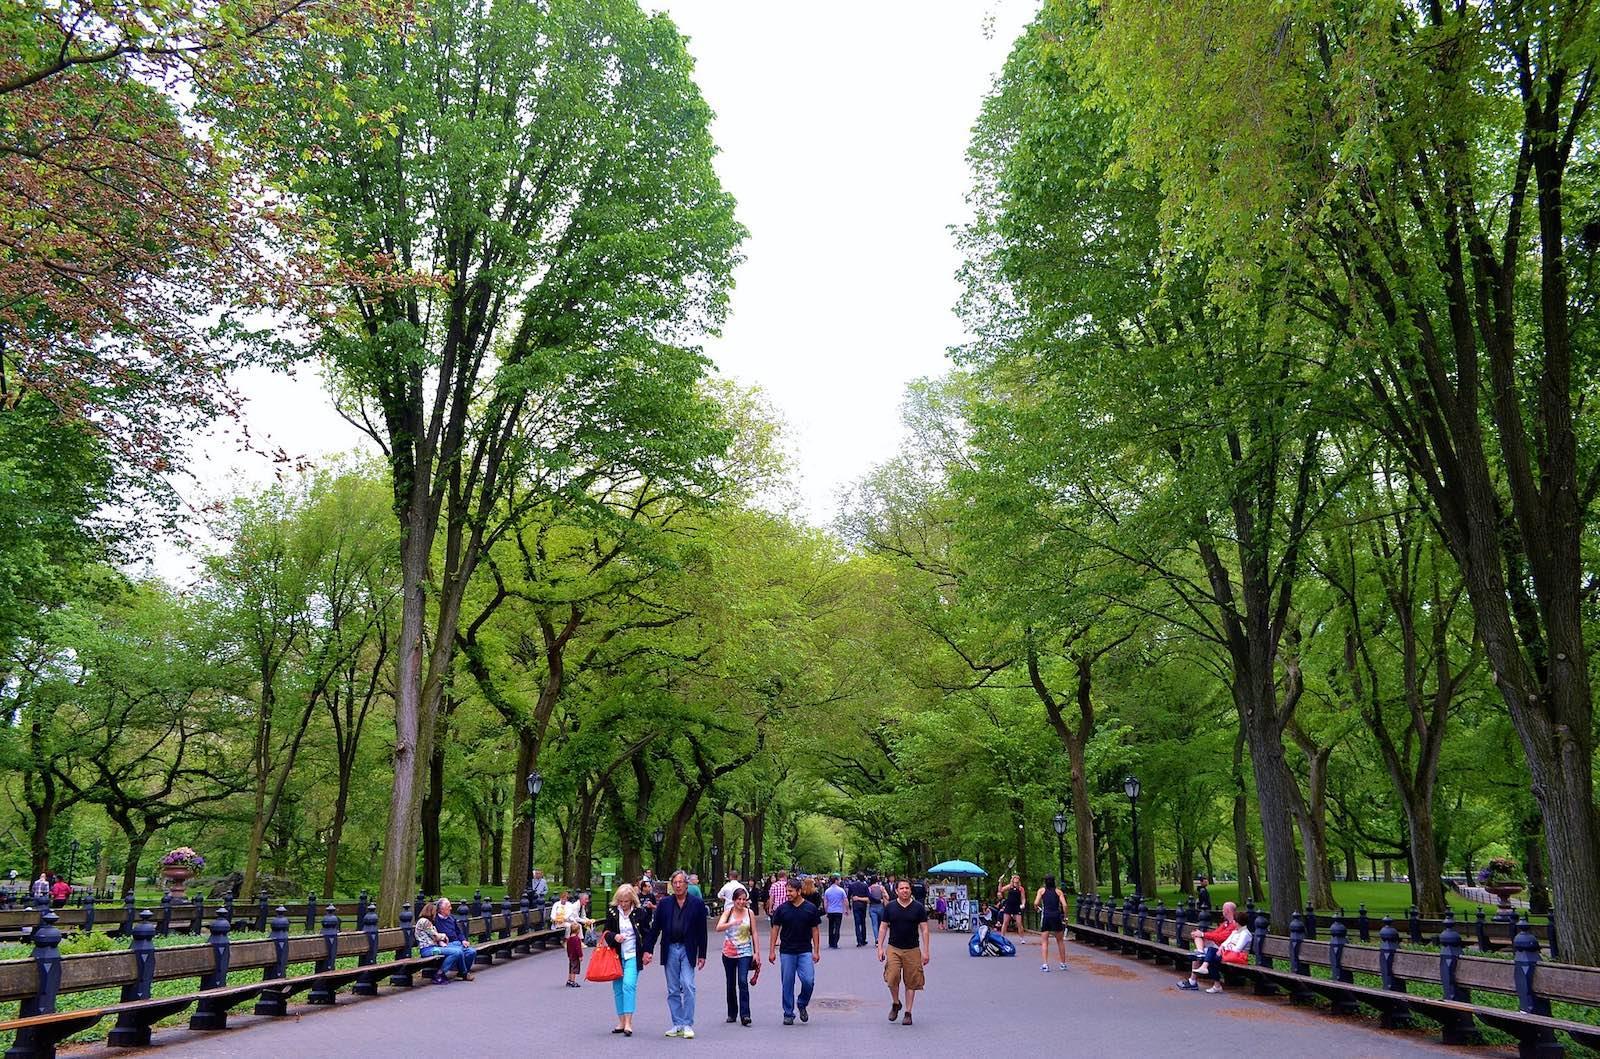 gigi_NYC_TheMallCentralPark